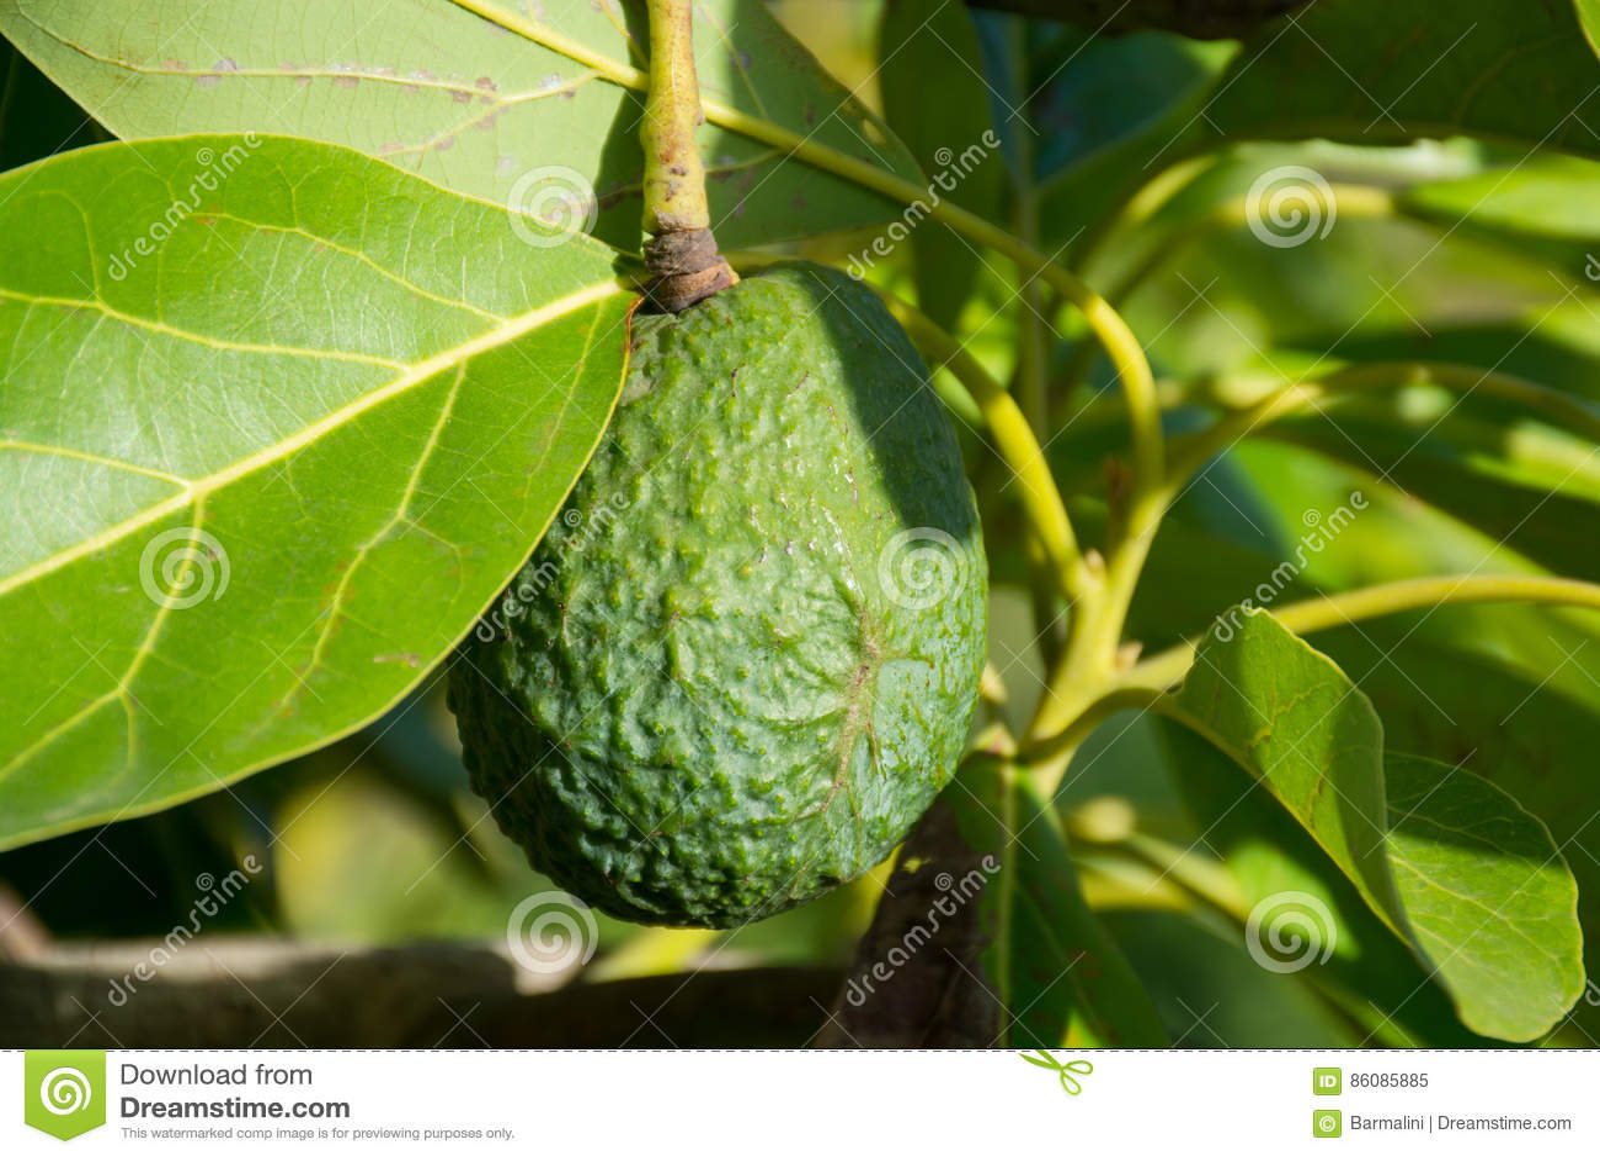 avocat mûr vert sur l'arbre, plantation d'avocat image stock - image